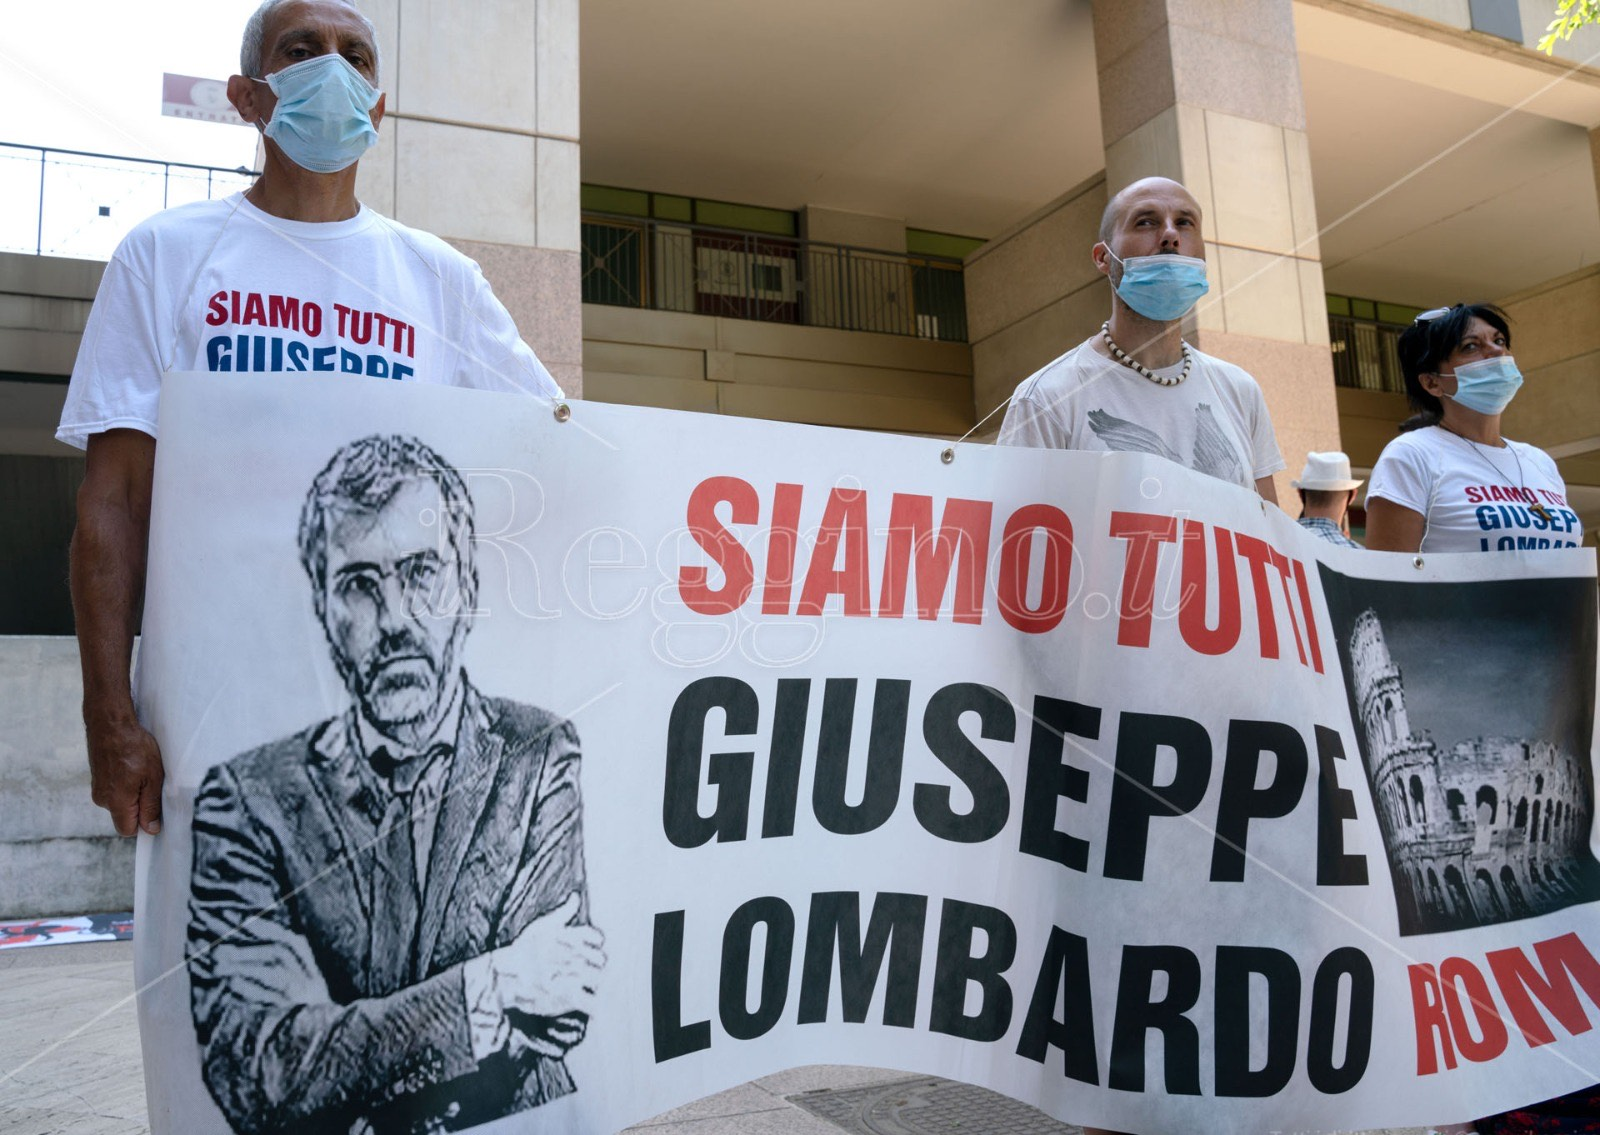 'Ndrangheta stragista, in centinaia in piazza per sostenere il pm Lombardo